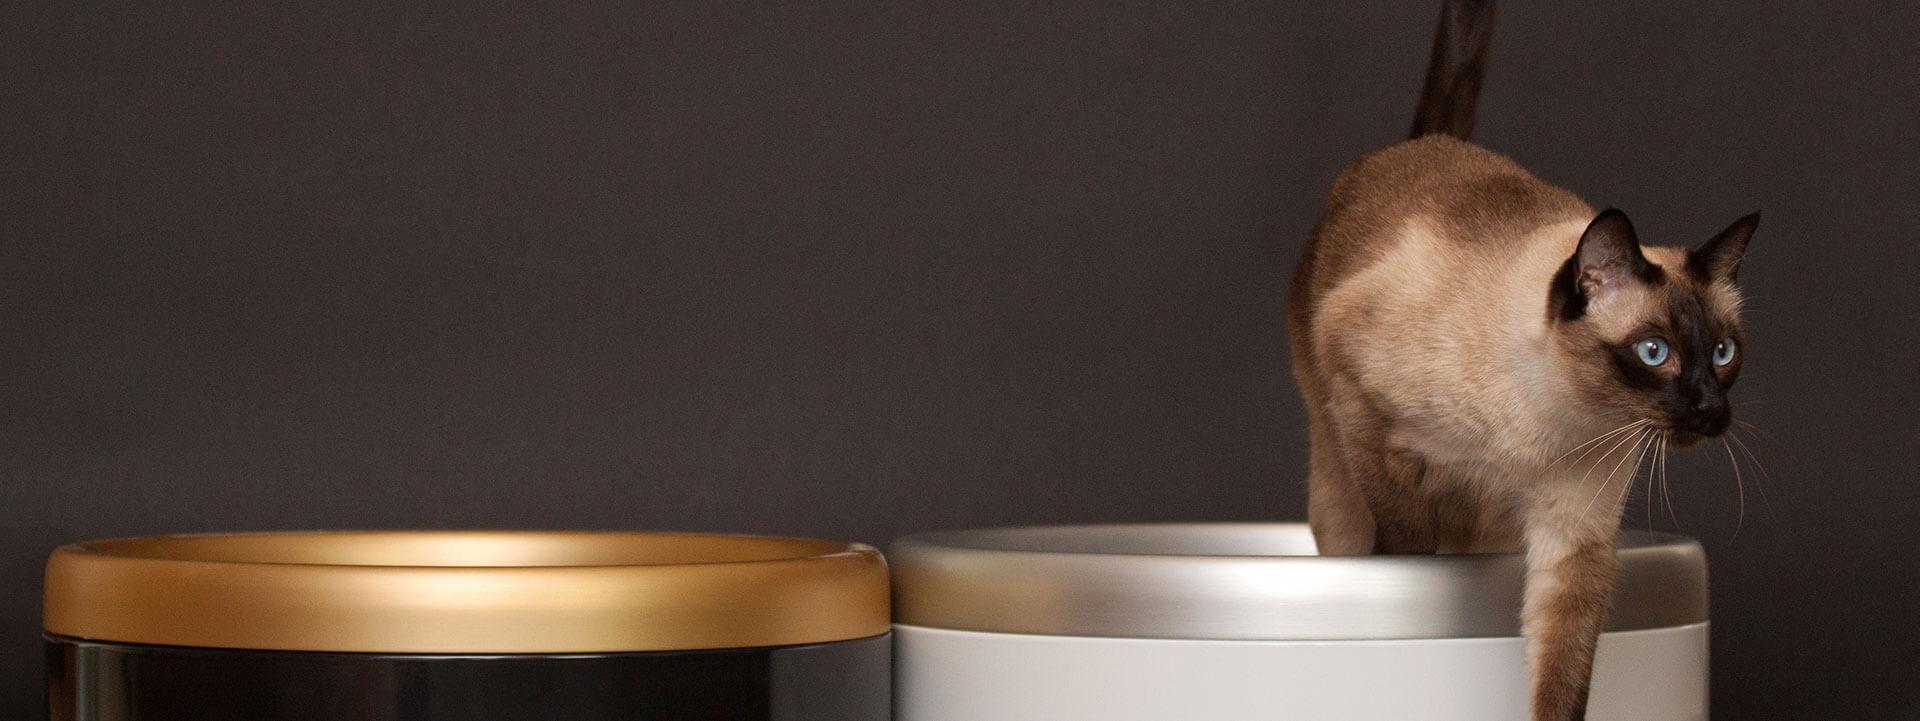 katchit-hygienische-katzentoilette-katzenklo-haendler